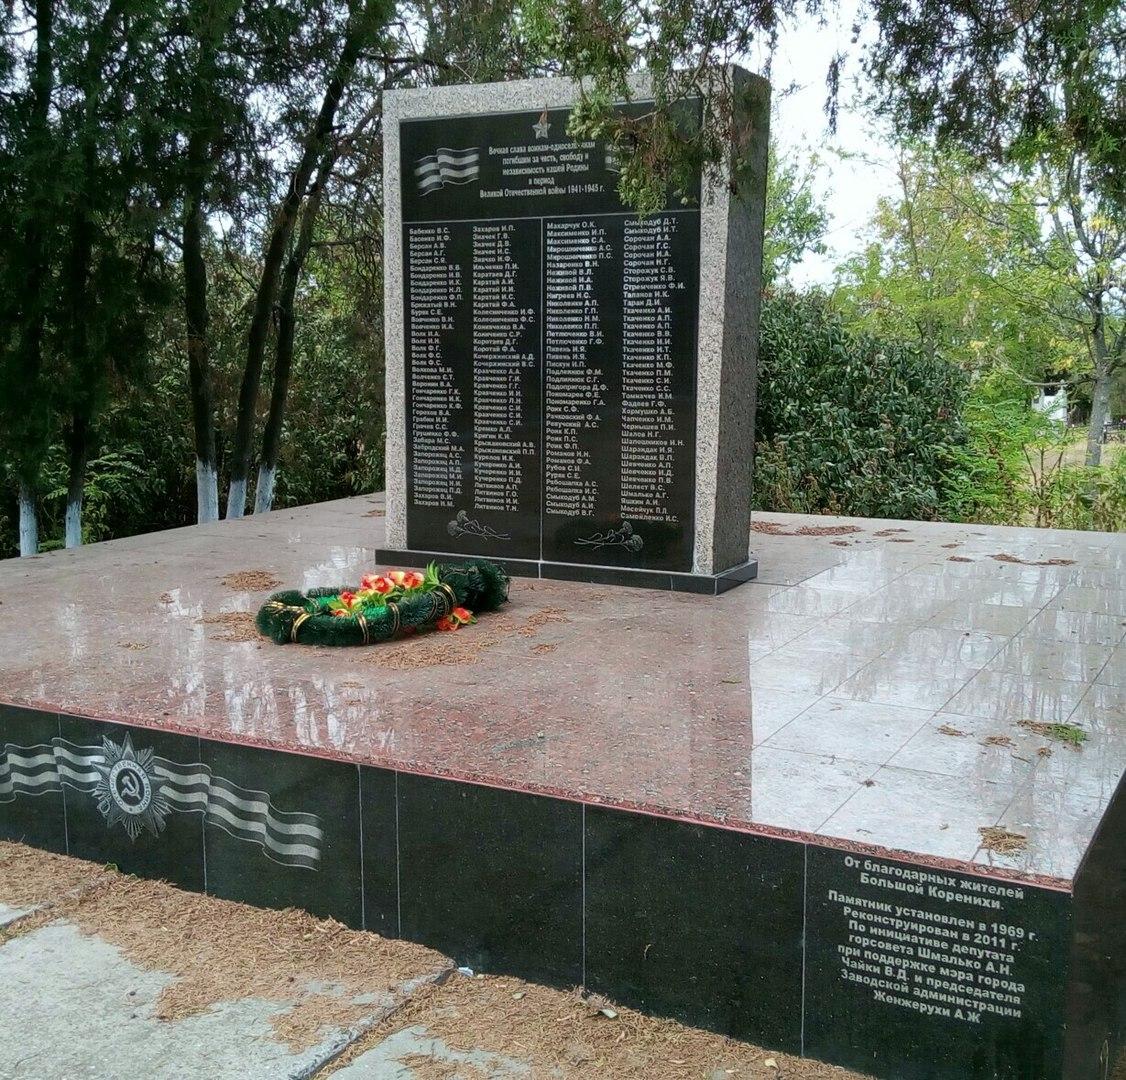 Памятник погибшим в Великой отечественной войне 1941-1945 в селе Велика Корениха